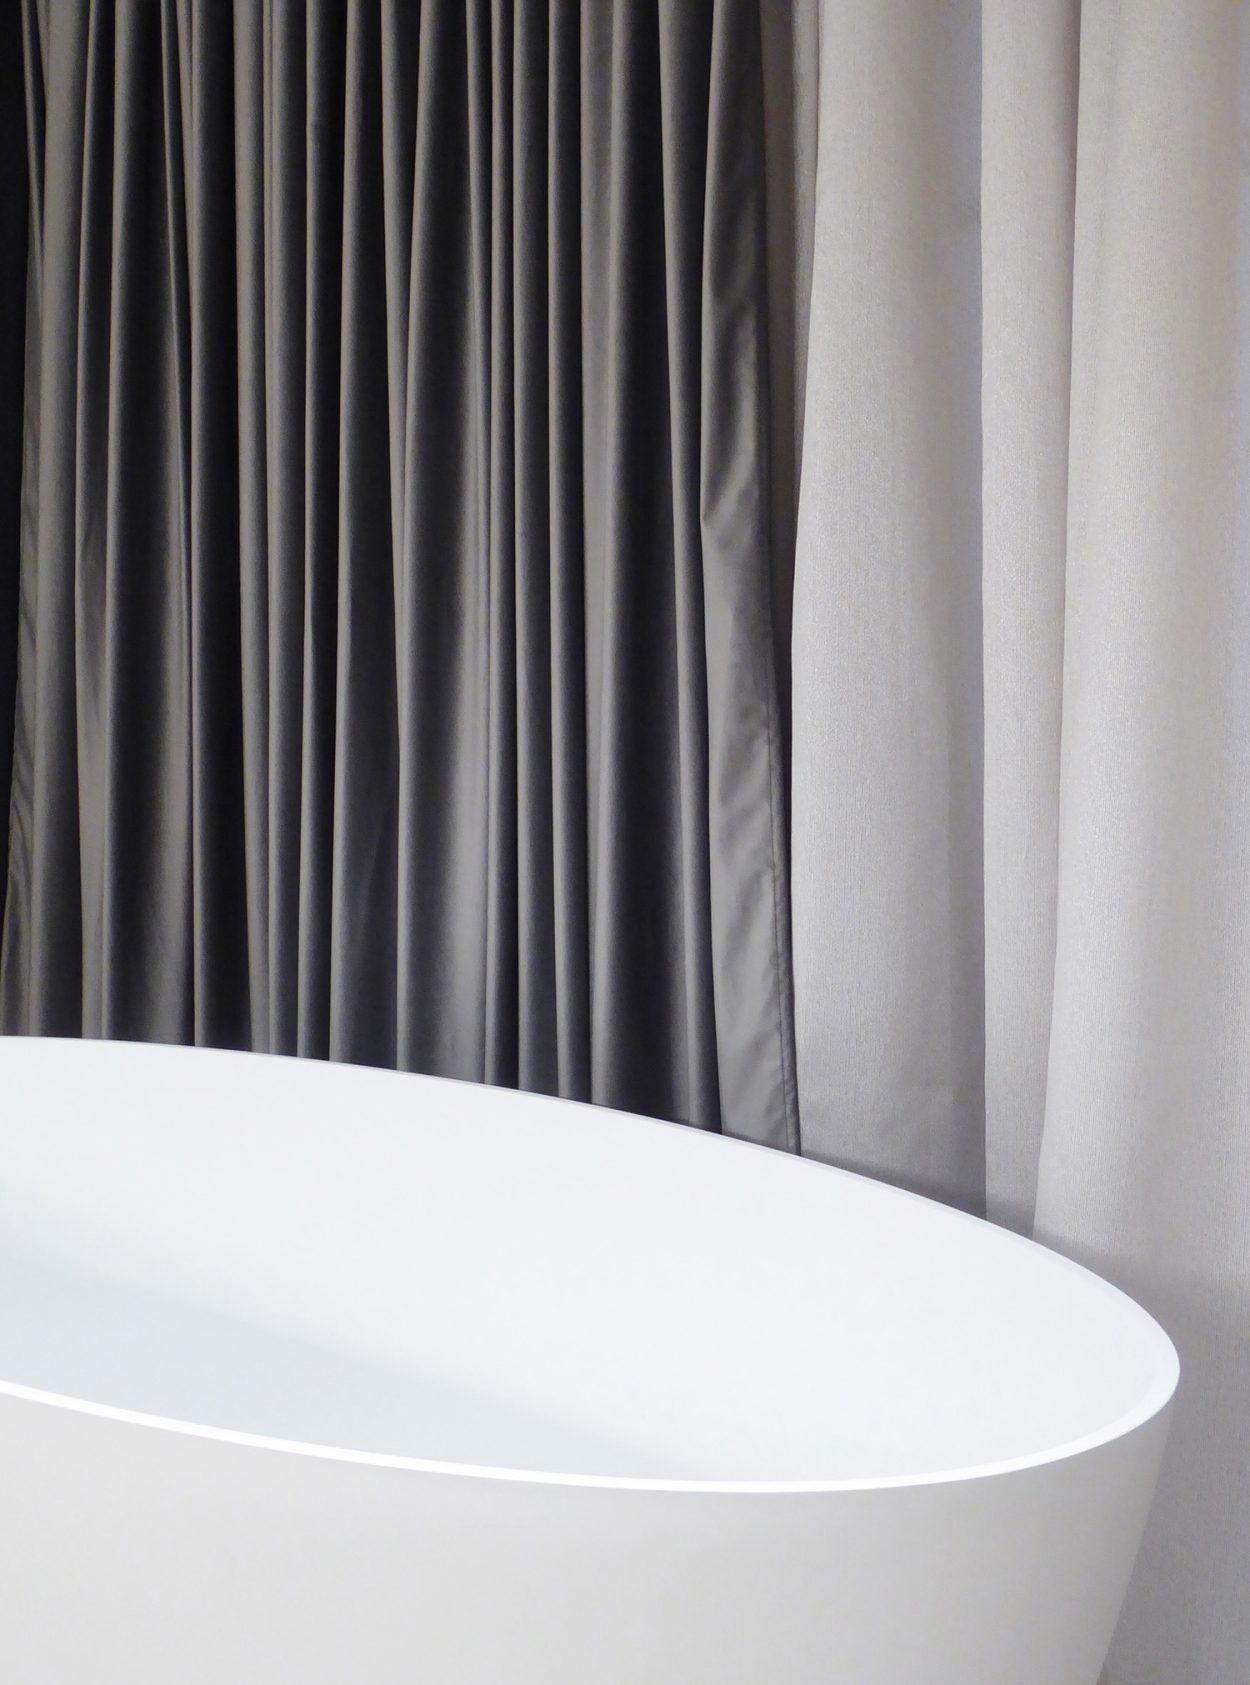 4-Ristrutturazione-Cesena-Appartamento-Architetto-1250x1685.jpg